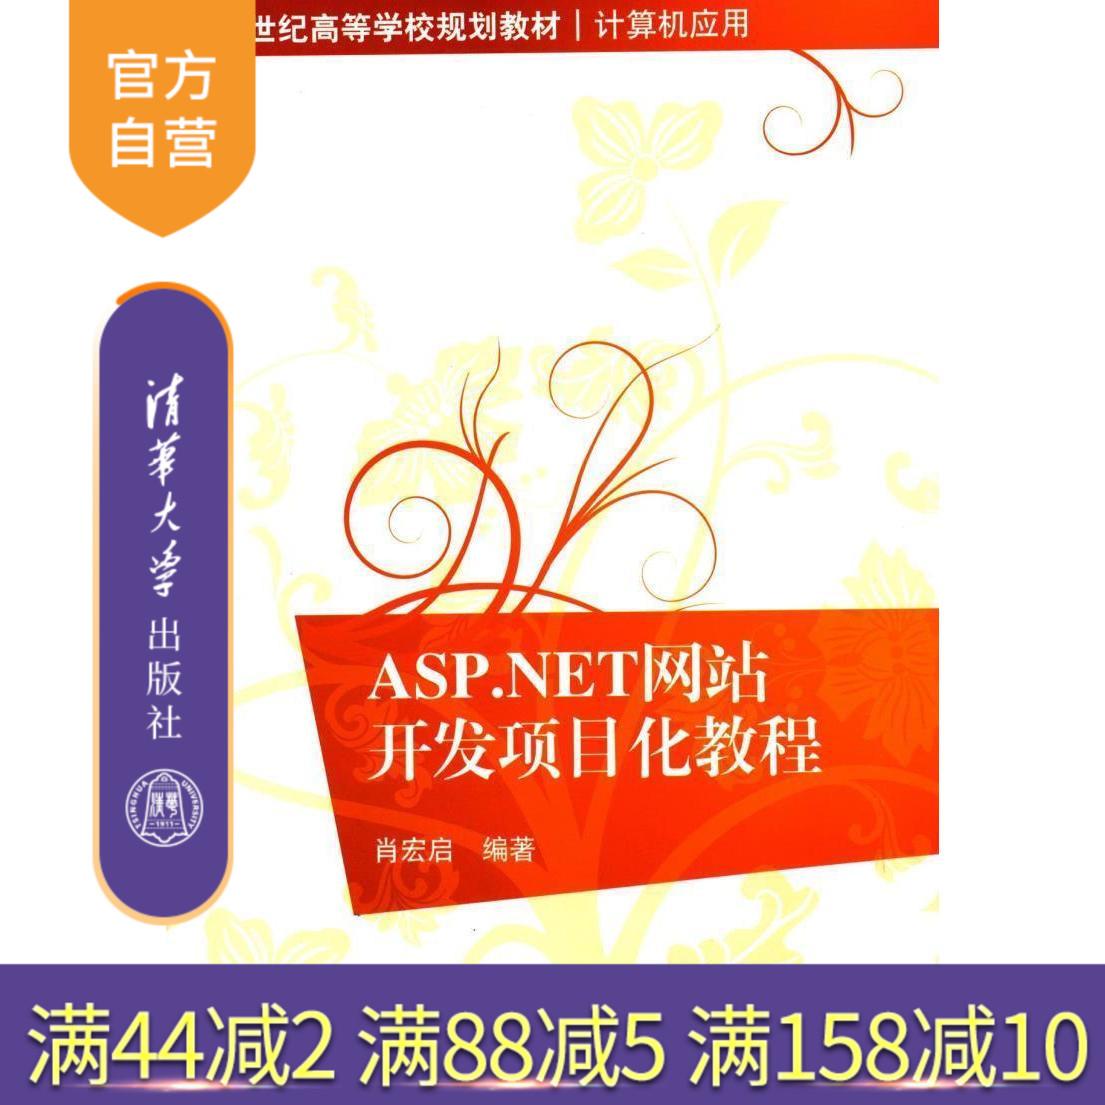 【官方正版】 ASPNET网站开发项目化教程 计算机应用 创建网站页面 Web应用程序开发 程序设计